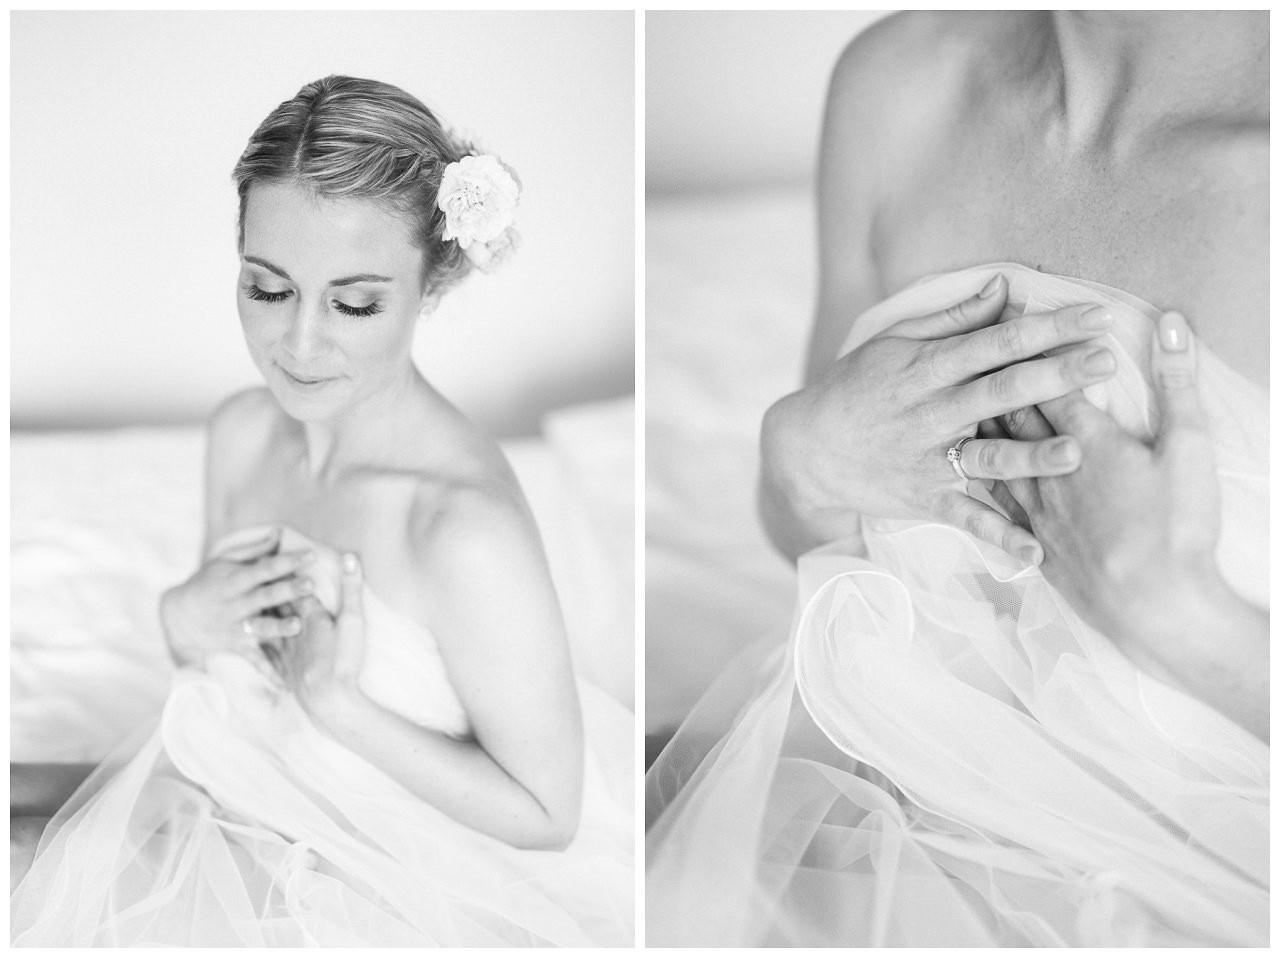 Budoir-Aufnahme der Braut; die Braut sitzt auf dem Bett und wickelt sich in ein Bettlacken,